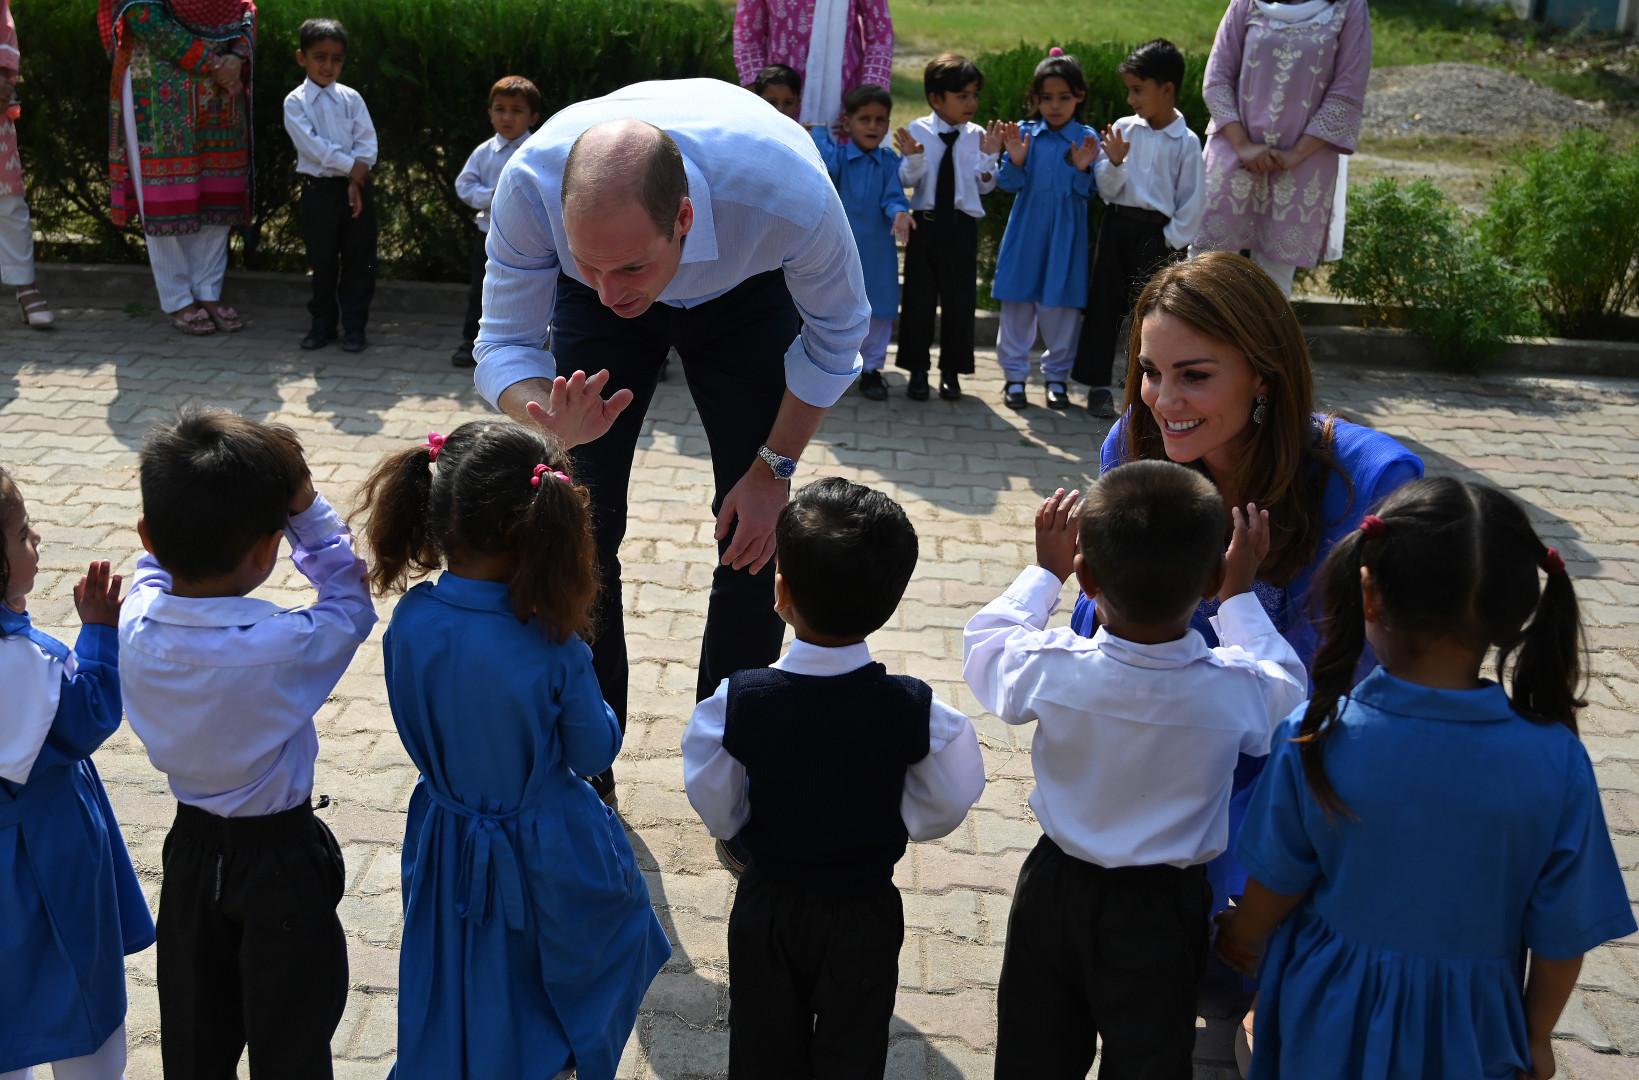 Le couple princier a visité une école de Islamabad, au Pakistan, mardi 15 octobre 2019